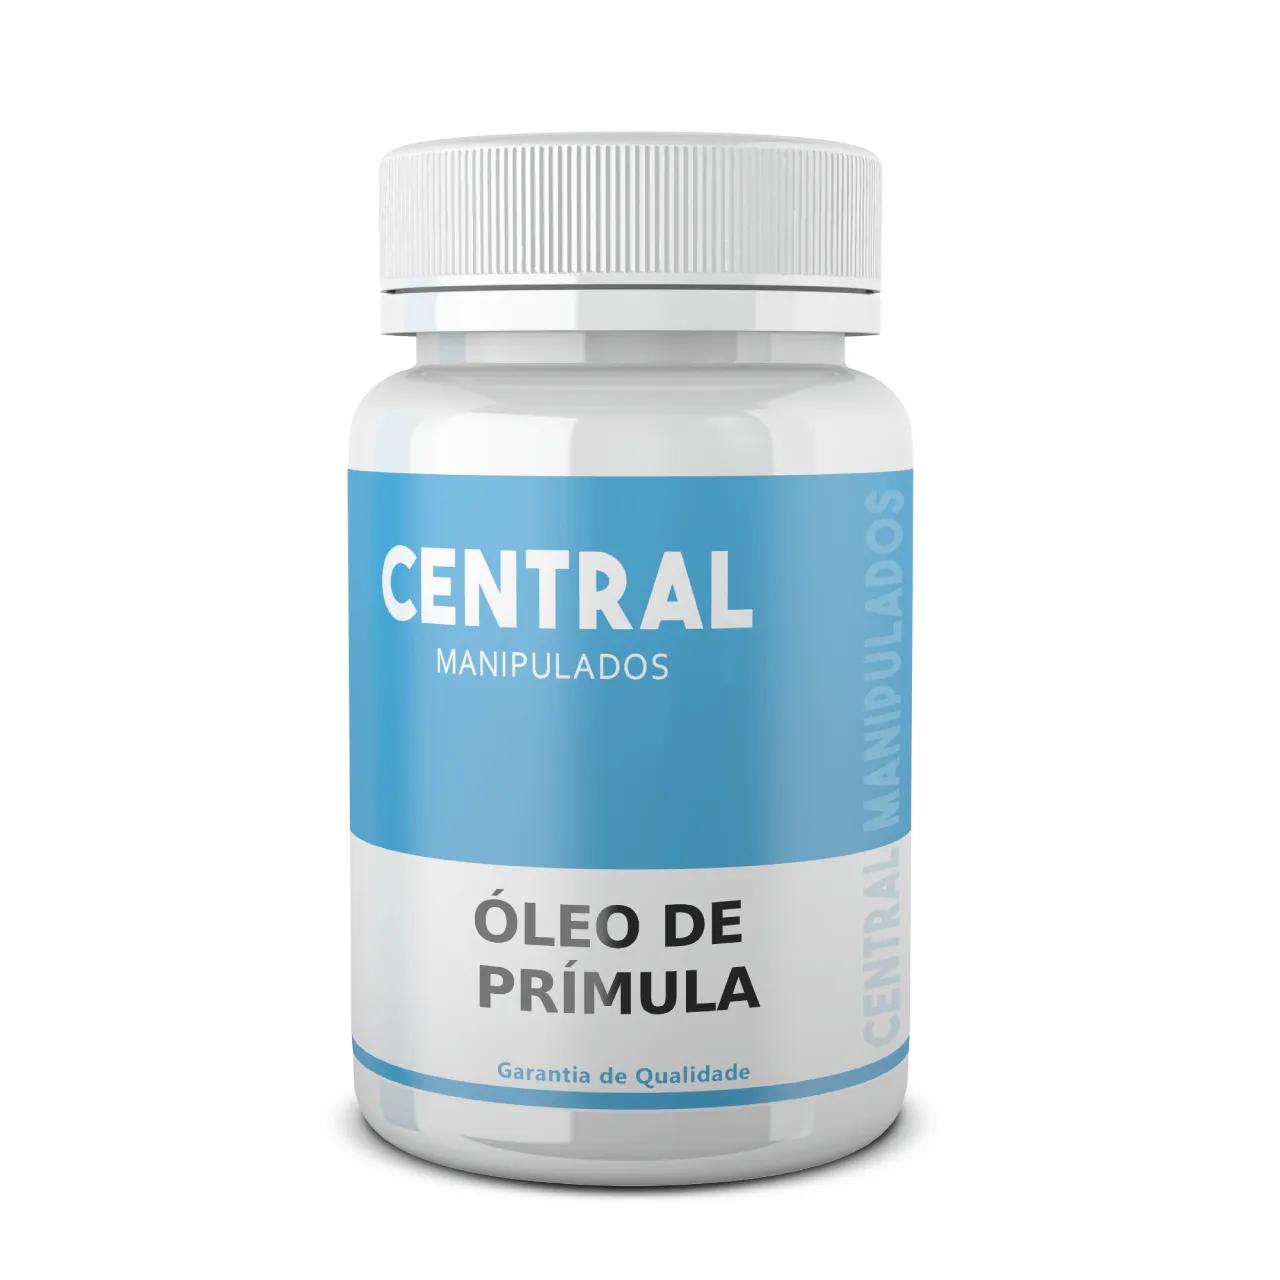 Óleo de Prímula 500mg - 180 cápsulas - Previne Endurecimento das Artérias, Doença Cardiovascular e Pressão Alta, Dimininui Colesterol